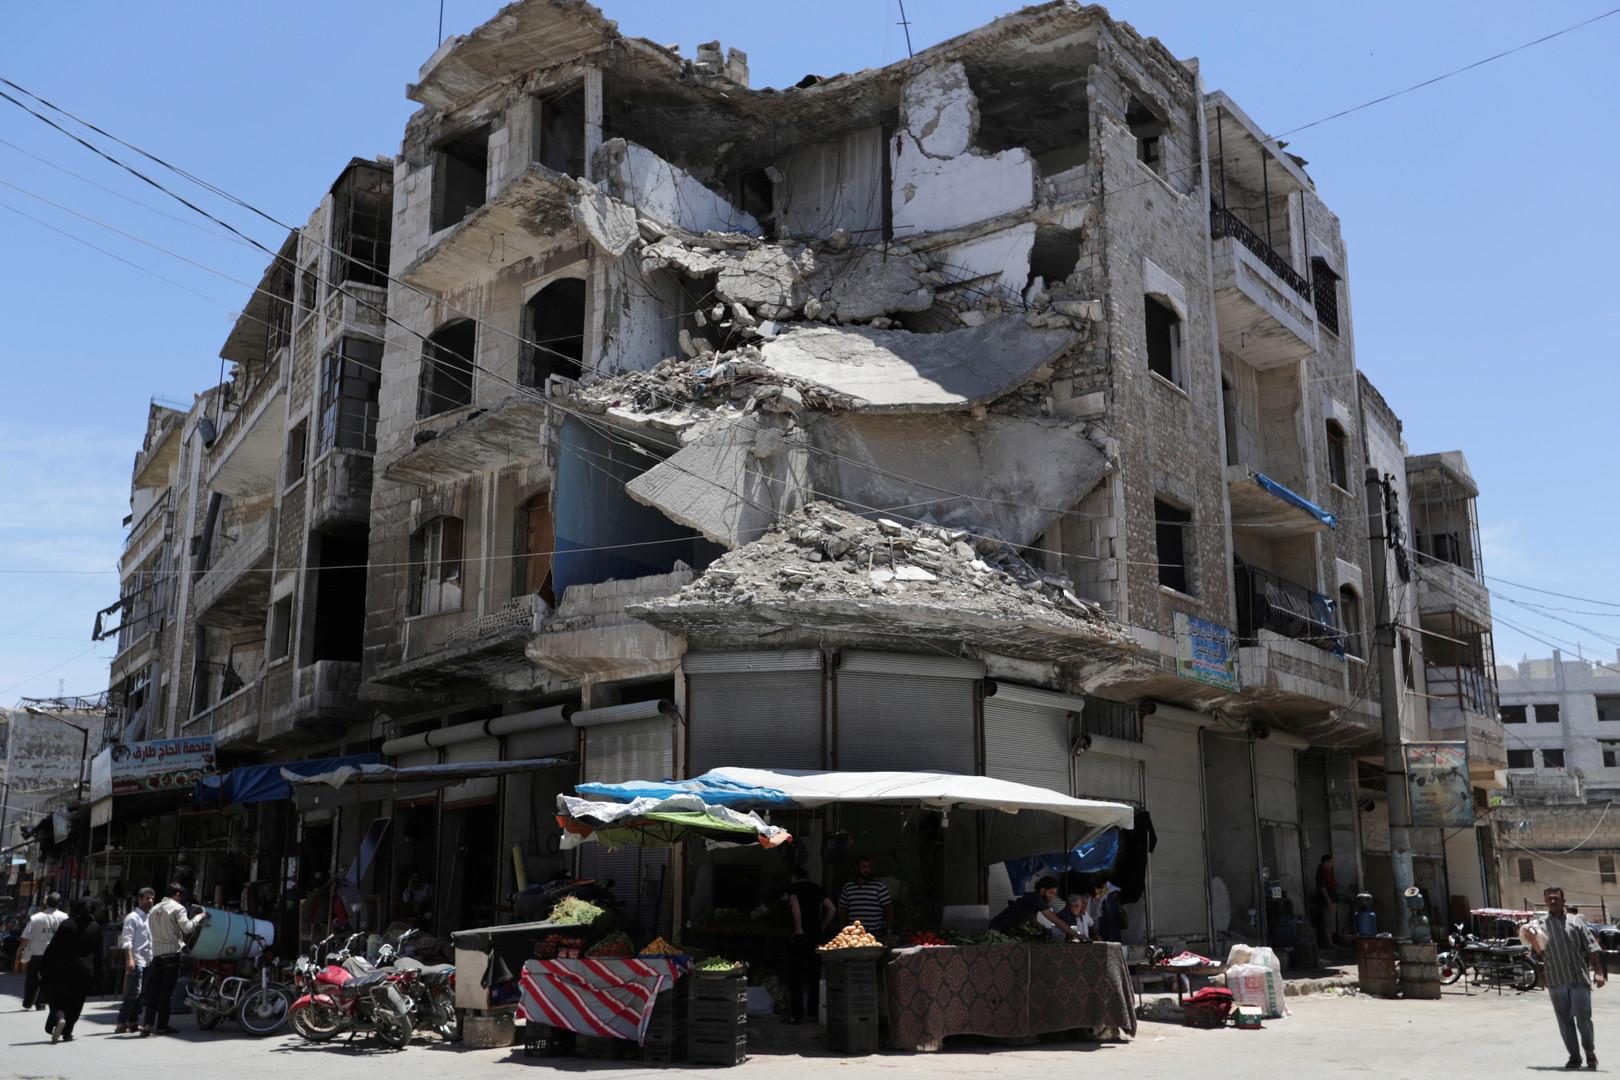 مركز حميميم: التوصل إلى اتفاق لوقف تام لإطلاق النار في إدلب برعاية روسيا وتركيا